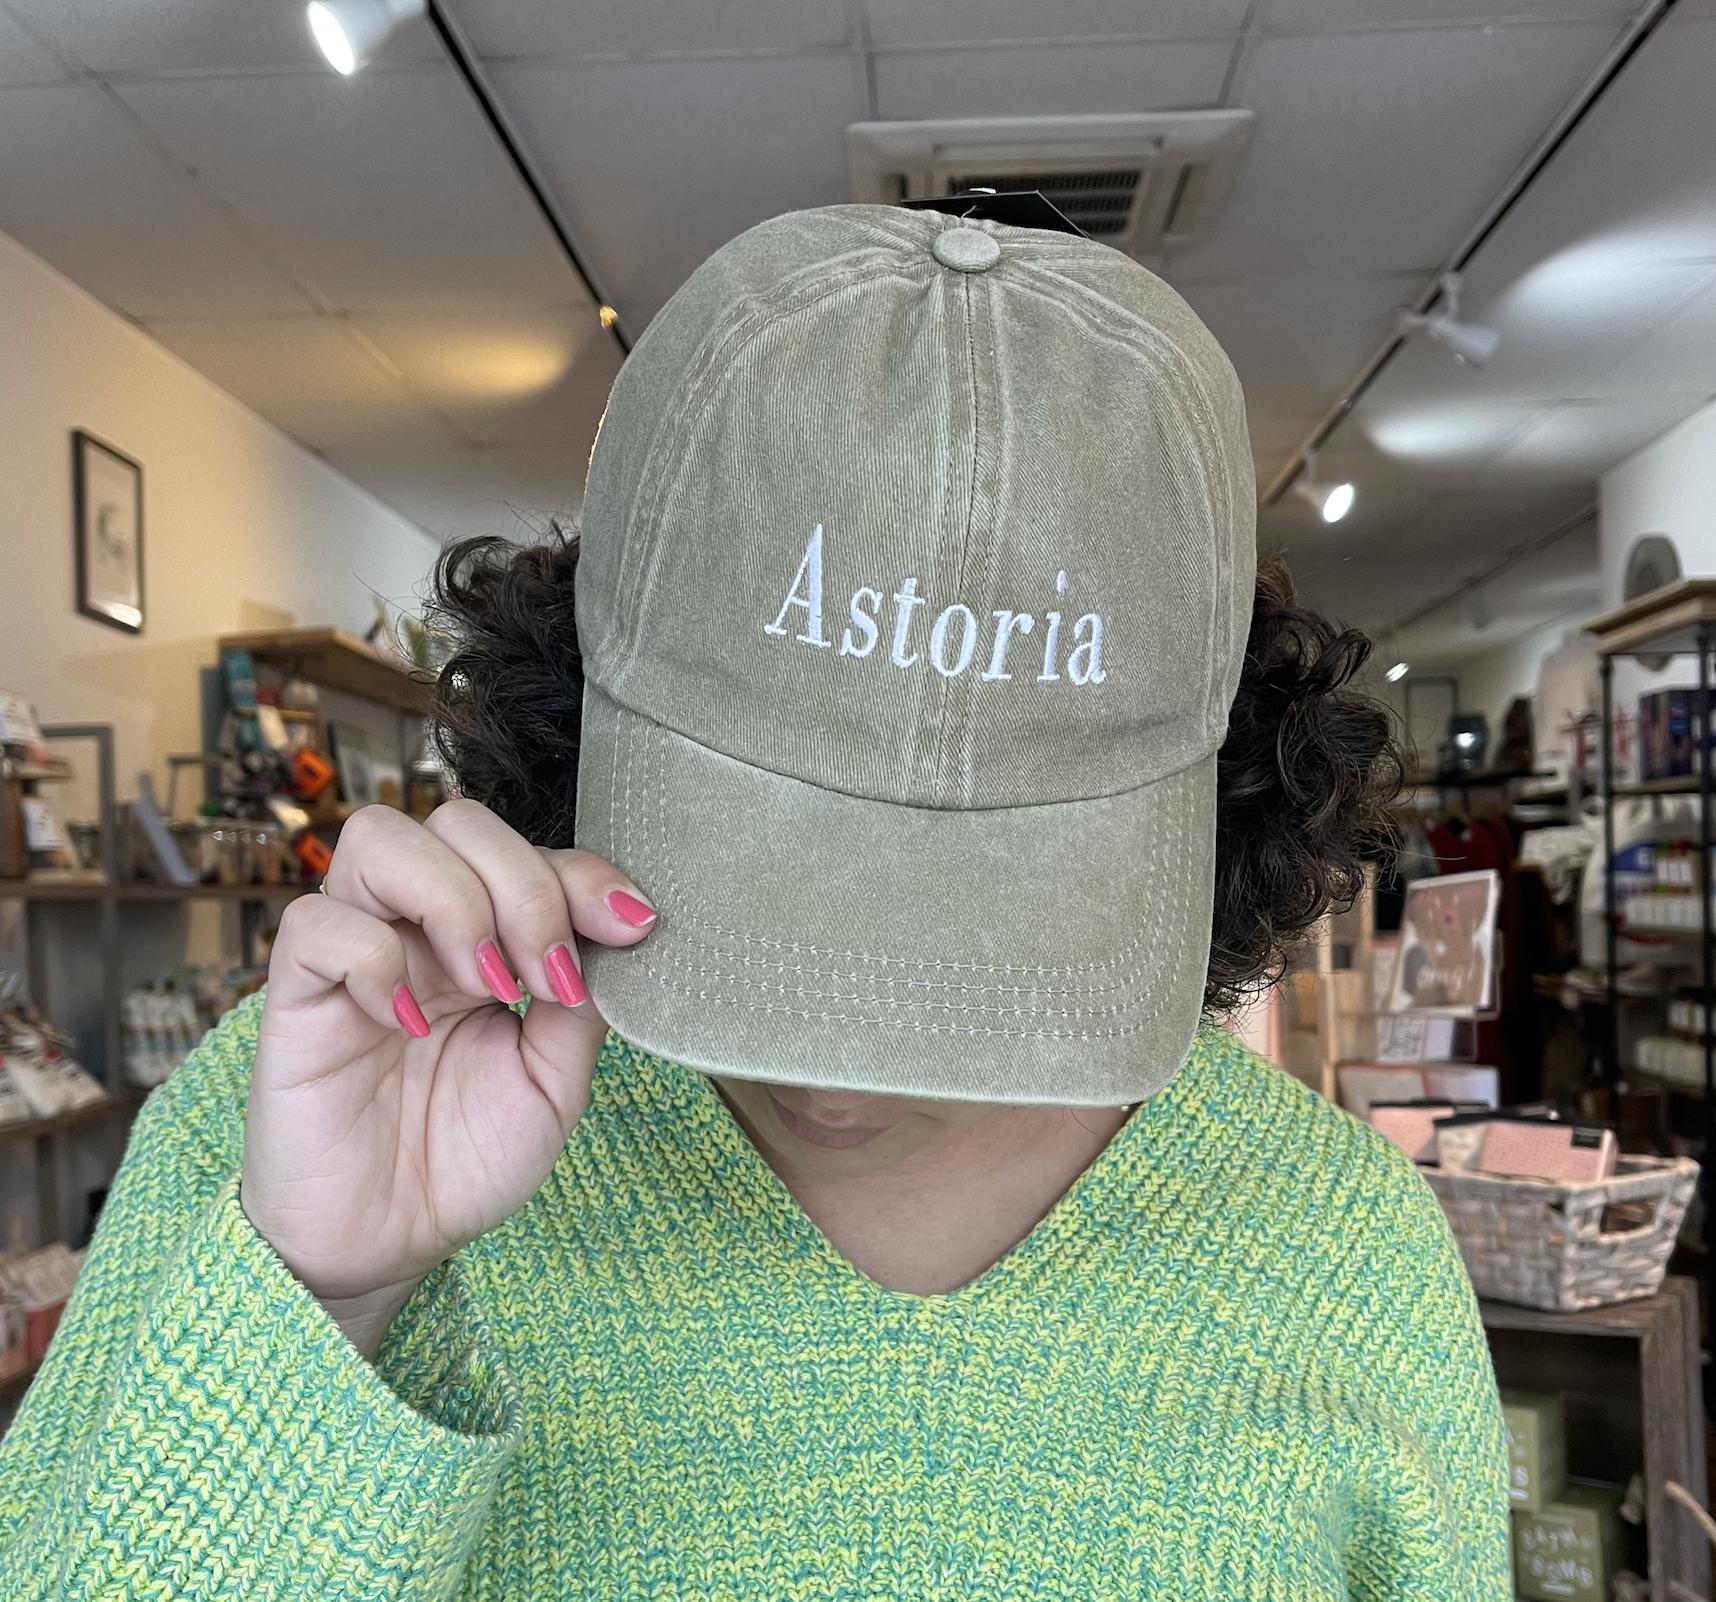 David & Young Astoria Type  - Khaki